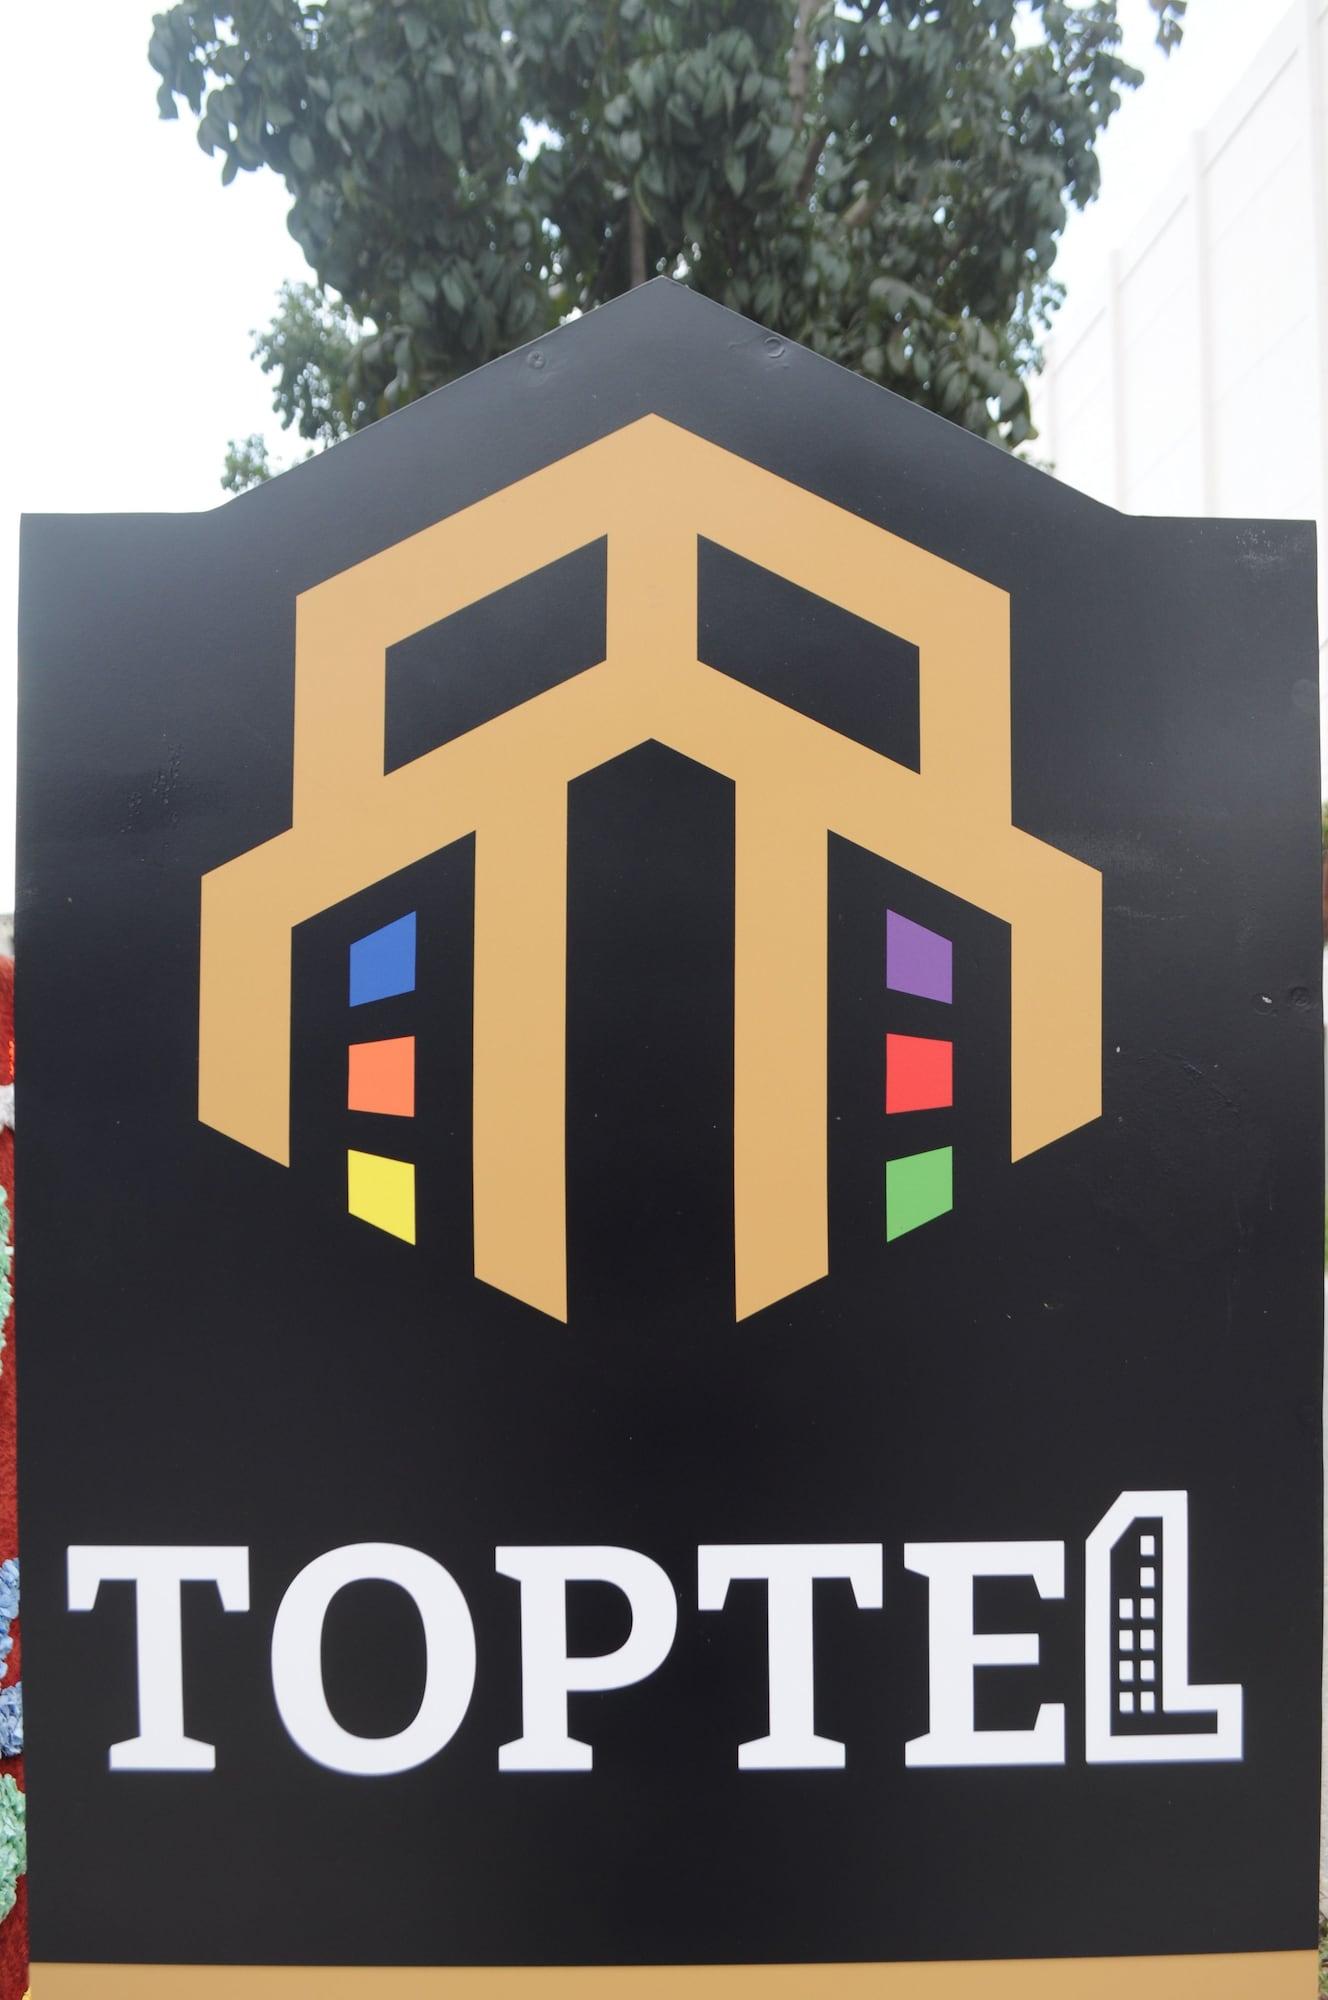 Toptel Hotel Pekanbaru, Pekanbaru